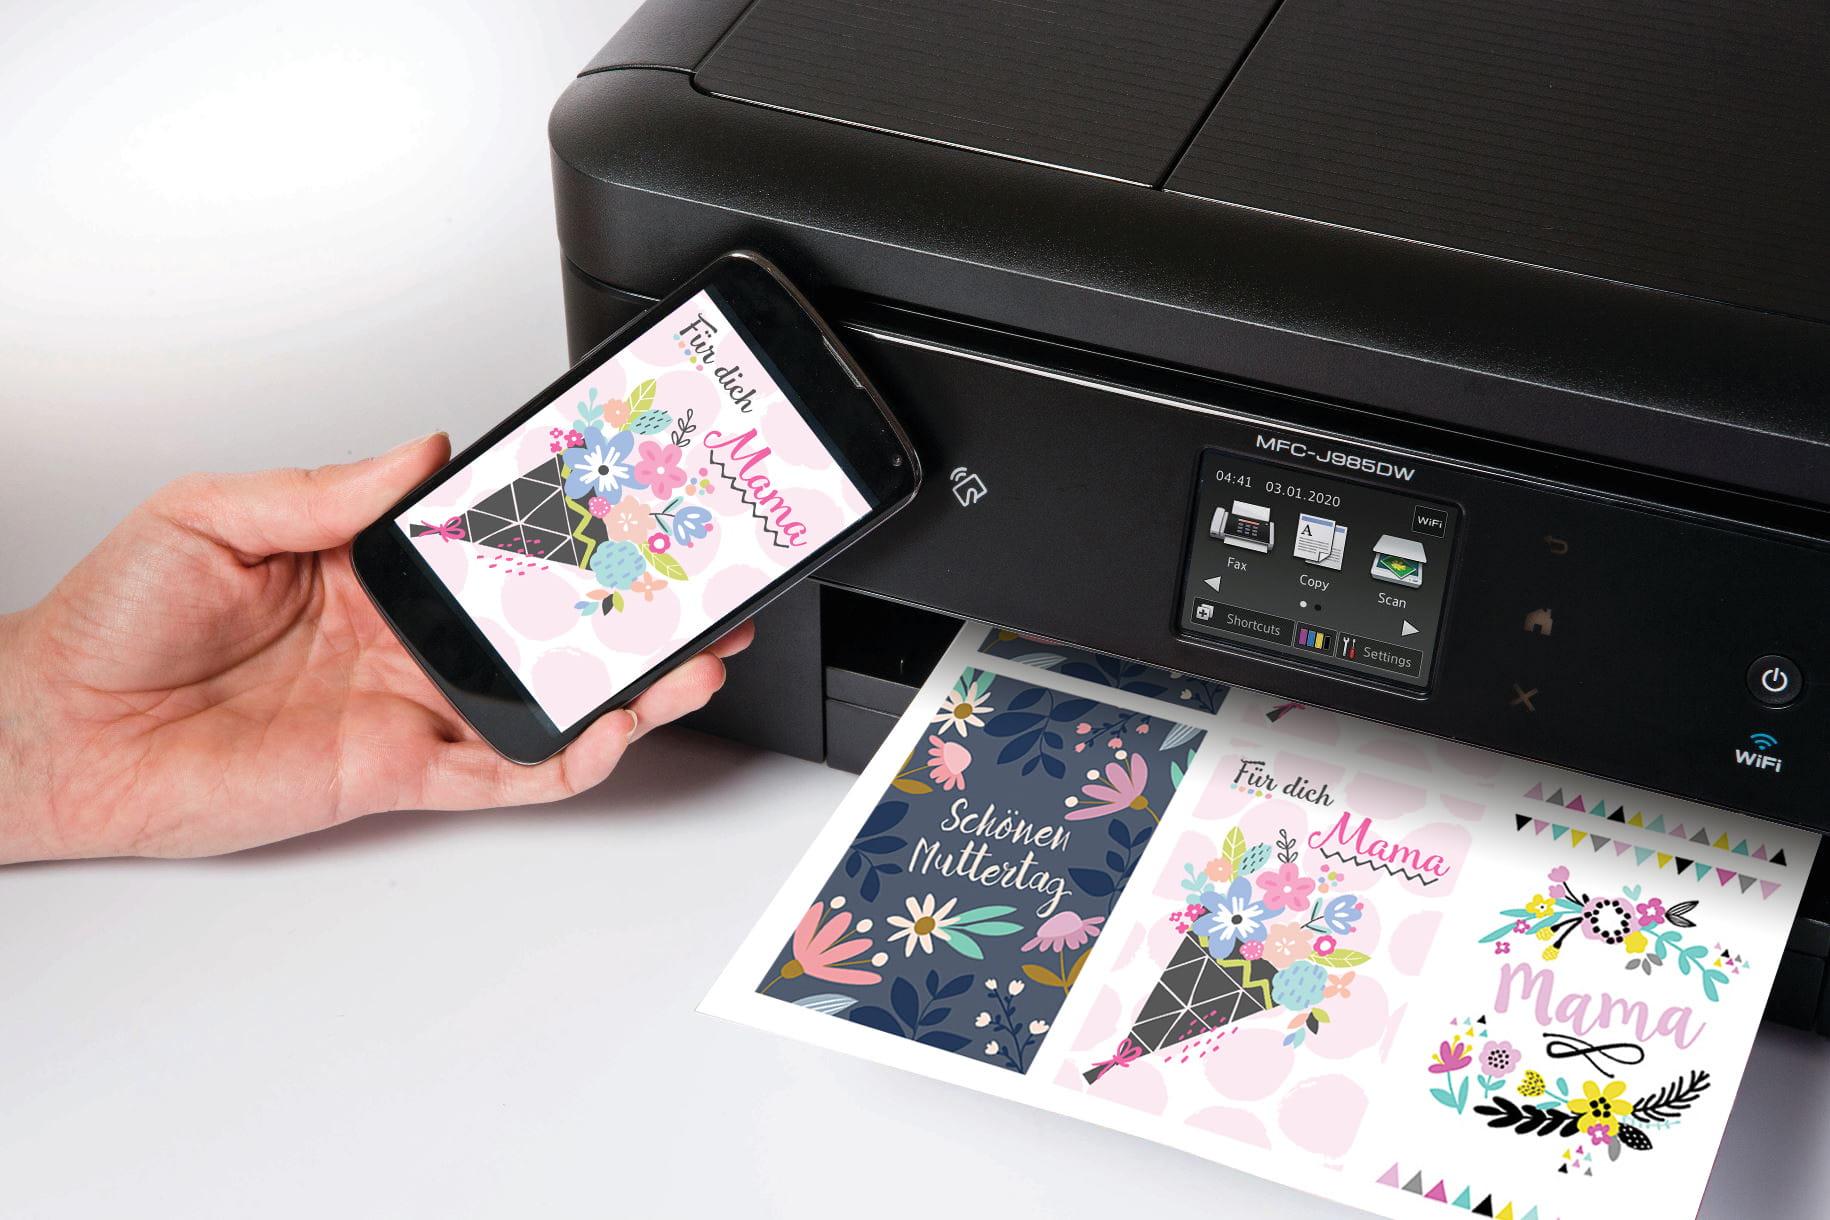 Tintenstrahldrucker MFC-J985DW